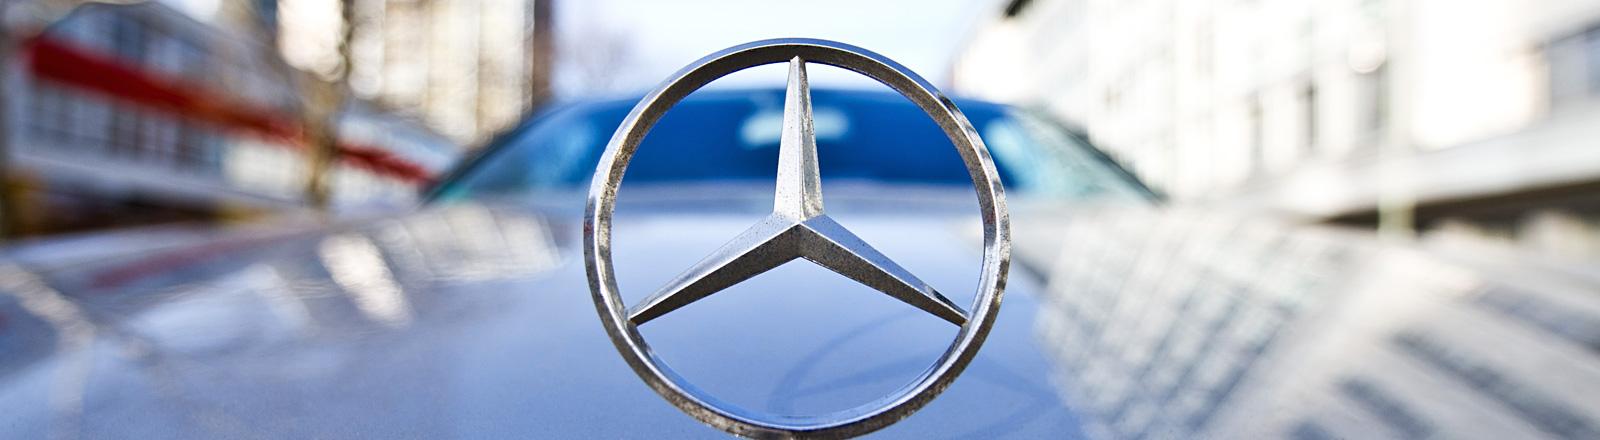 Blick auf einen Mercedes-Benz-Stern als Kühlerfigur, das Auto fährt durch eine Straße; Bild: dpa